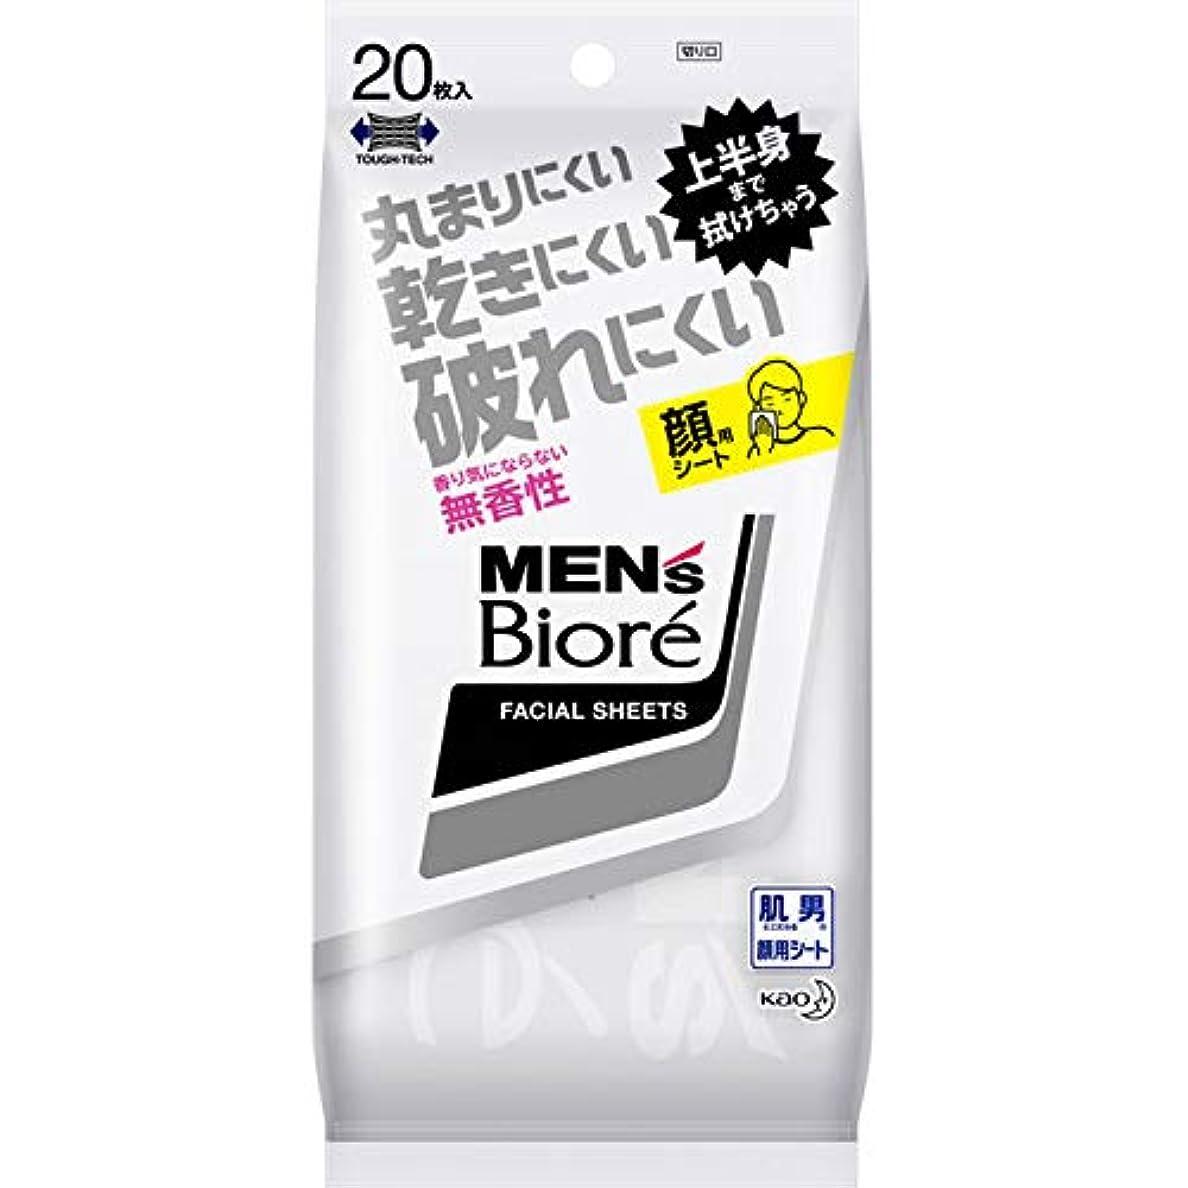 設置水を飲む自殺花王 メンズビオレ 洗顔シート 香り気にならない無香性 携帯用 (20枚入) ビオレ フェイスシート